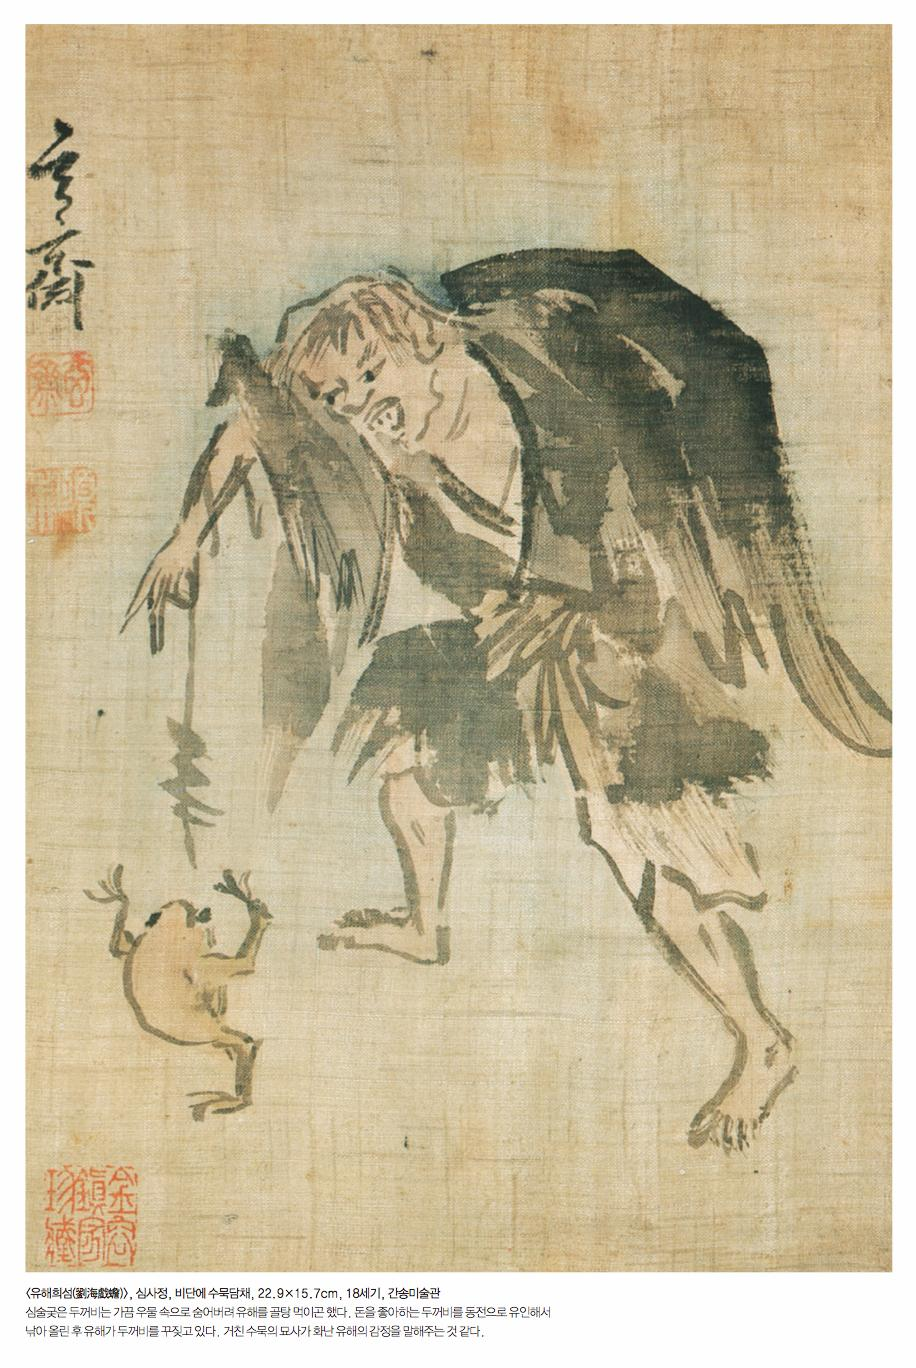 <유해희섬(劉海戱蟾)>, 심사정, 비단에 수묵담채, 22.9X15.7cm, 18세기, 간송미술관 심술궂은 두꺼비는 가끔 우물 속으로 숨어버려 유해를 골탕 먹이곤 했다. 돈을 좋아하는 두꺼비를 동전으로 유인해서 낚아 올린 후 유해가 두꺼비를 꾸짖고 있다. 거친 수묵의 묘사가 화난 유해의 감정을 말해주는 것 같다.